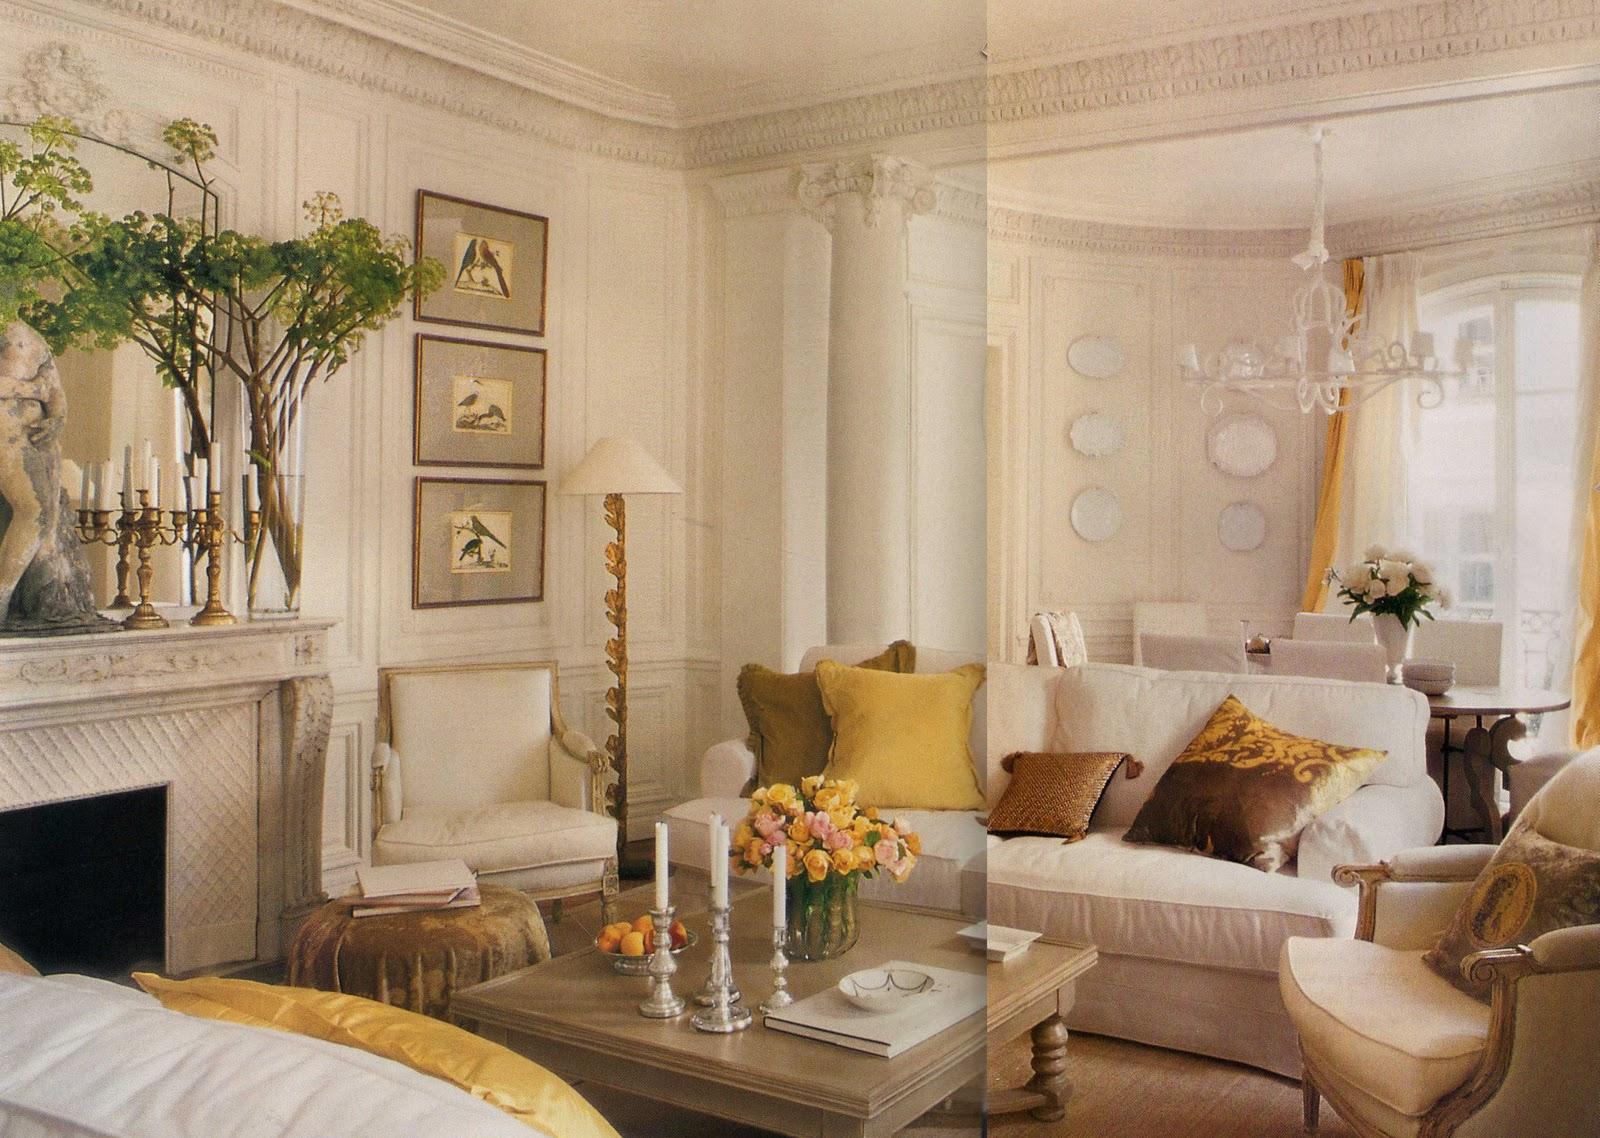 París Apartment Rentals, Alquiler temporal Paris, Paris Apartamento Alquiler - Paris Perfect